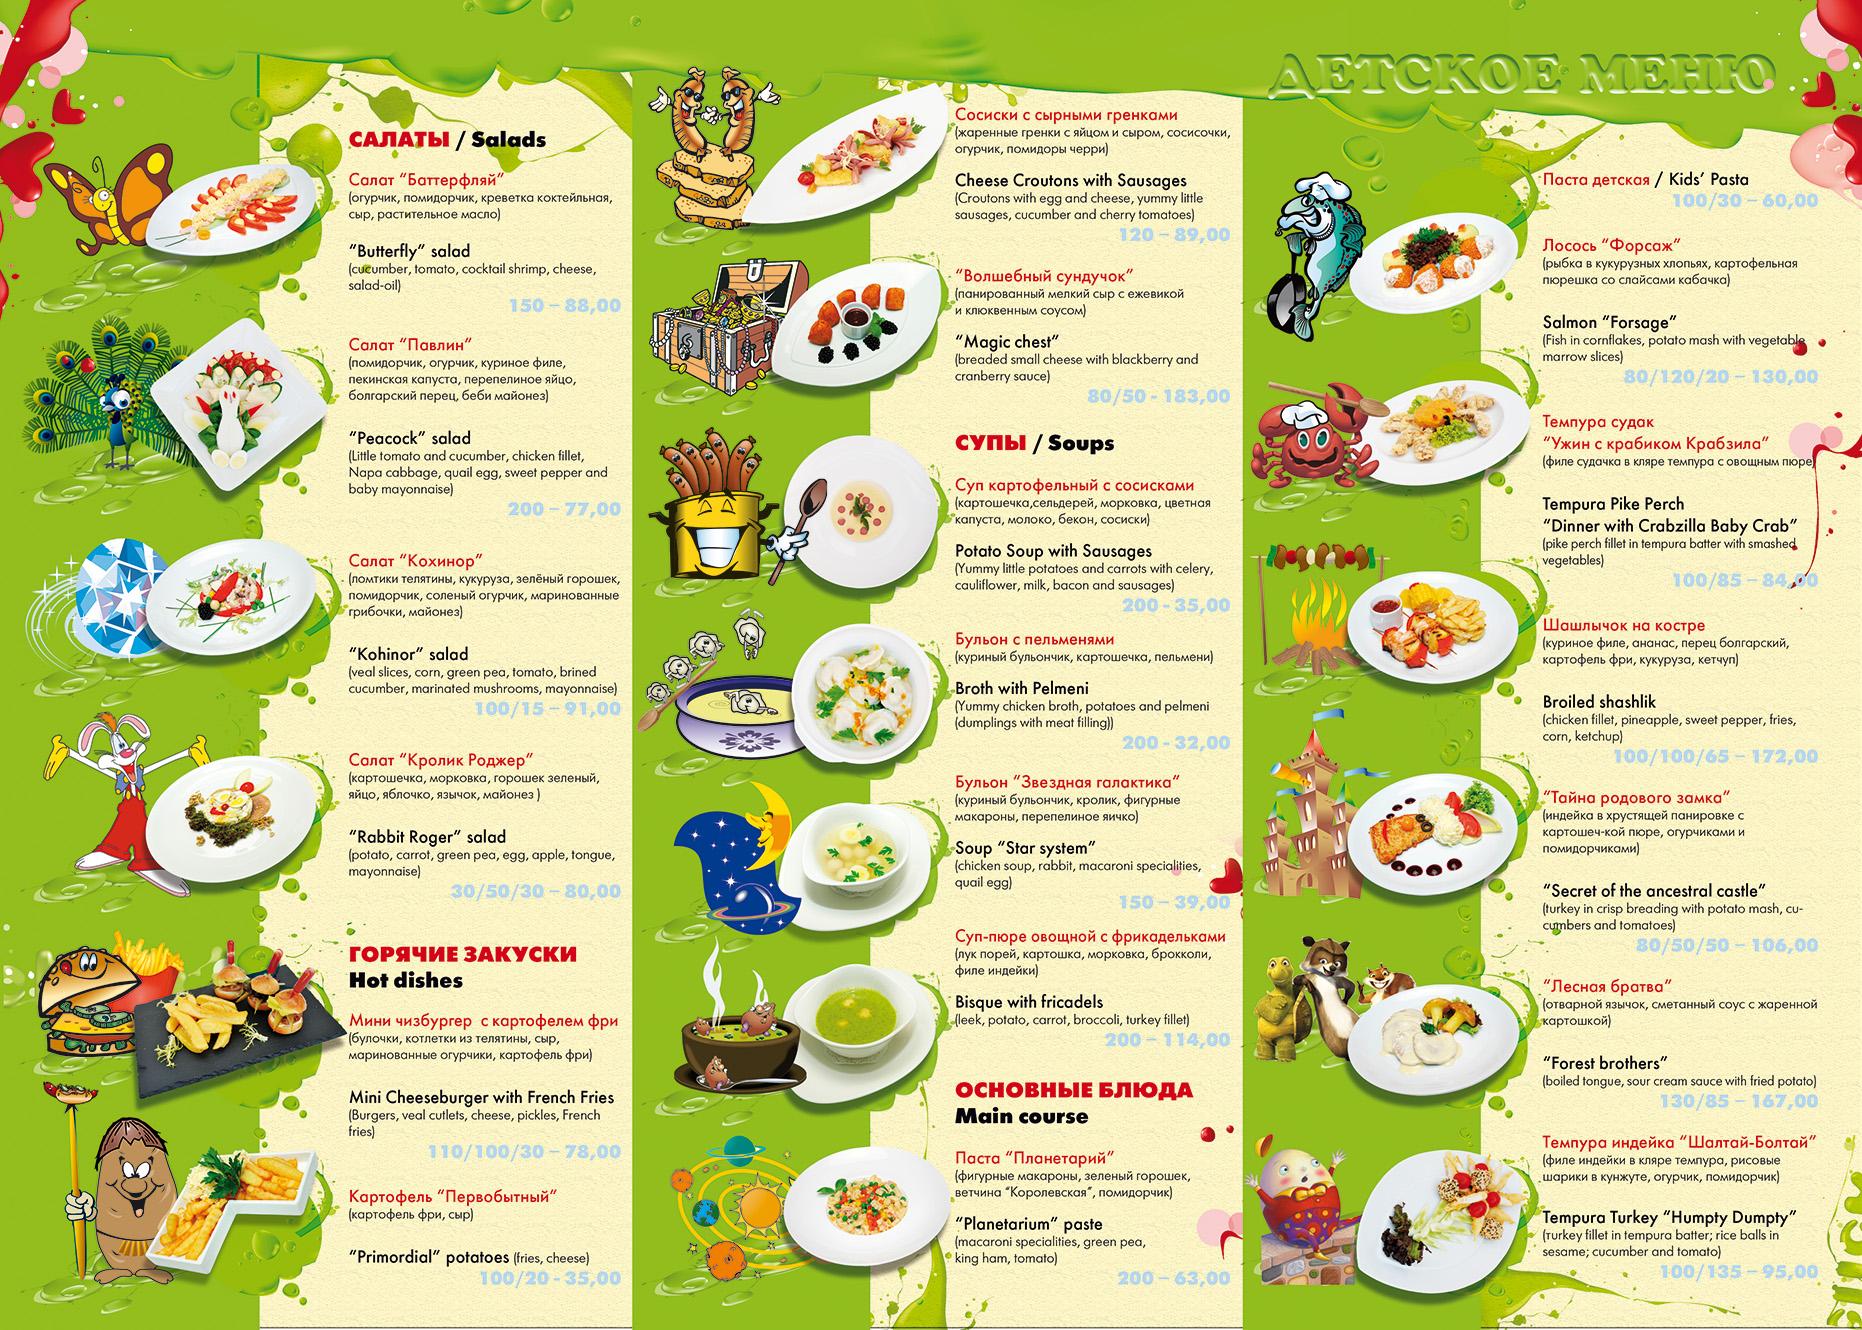 Диета список еды